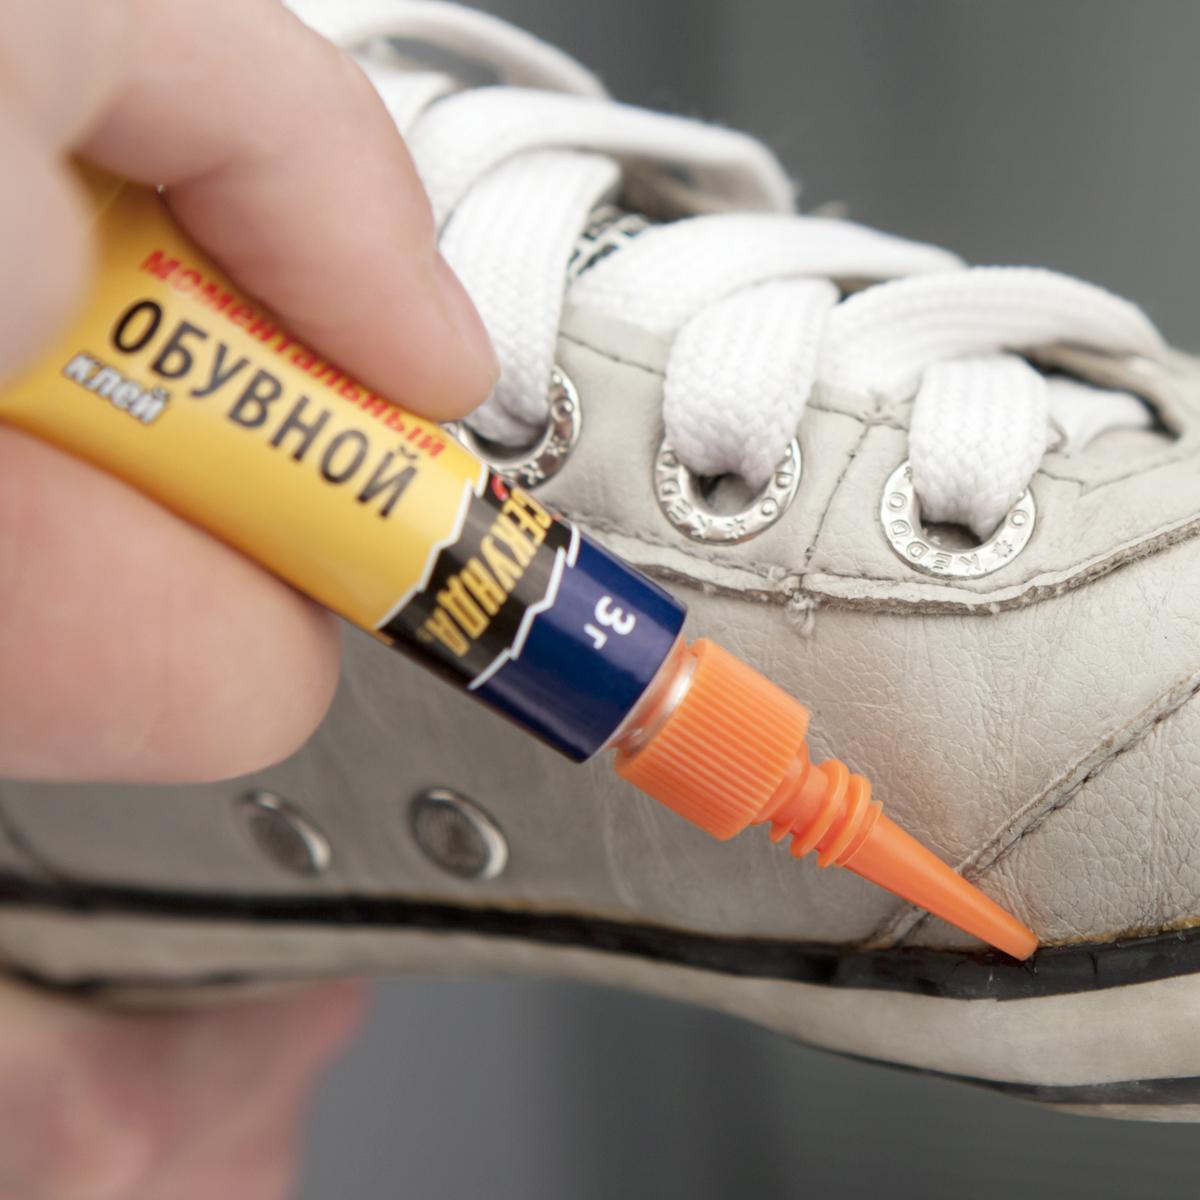 клей для обуви